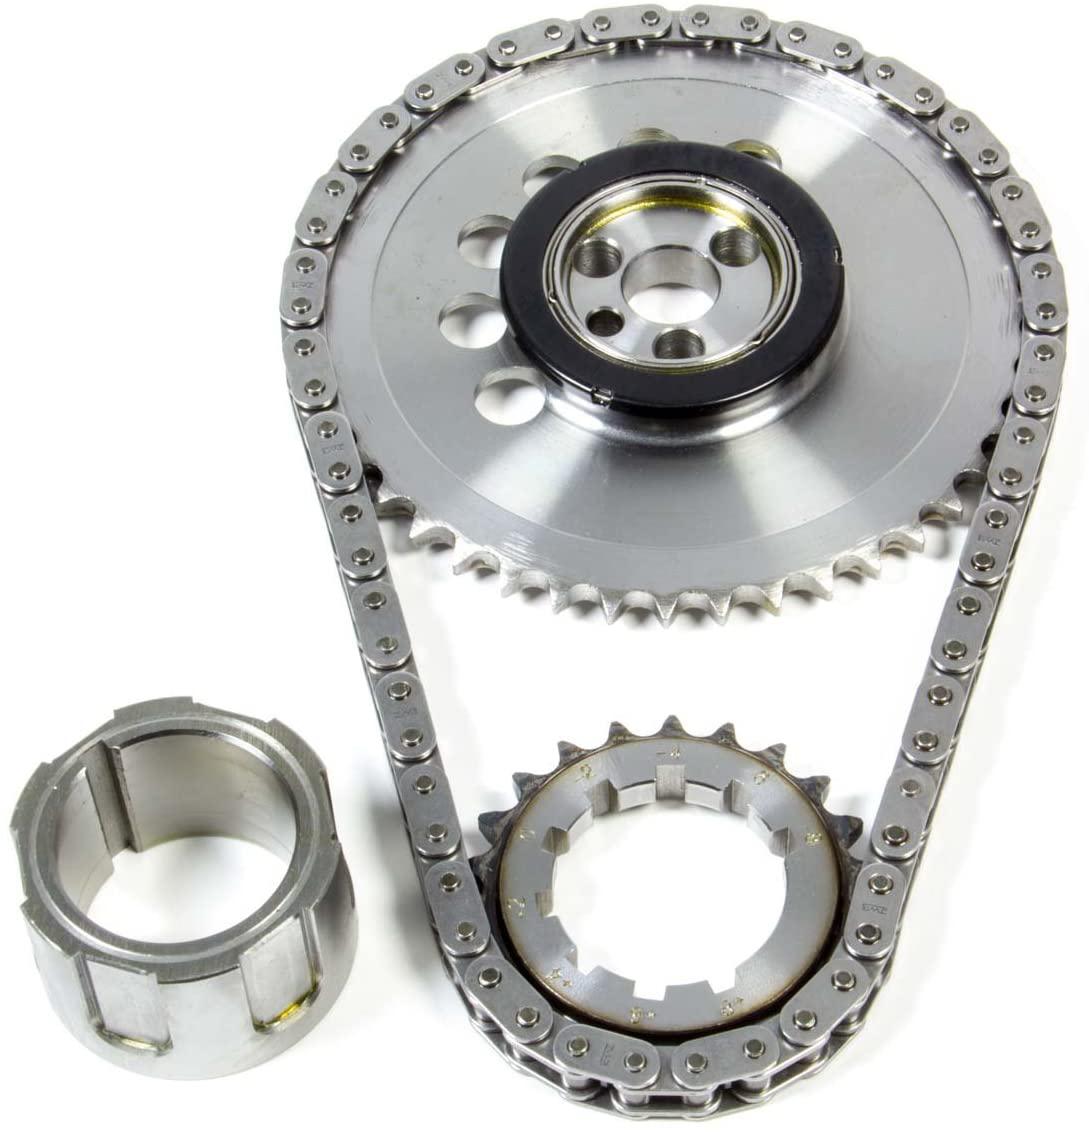 JP Performance 5622T Timing Chain Set, Single Roller, Keyway Adjustable, Needle Bearing, Billet Steel, GM LS-Series, Kit